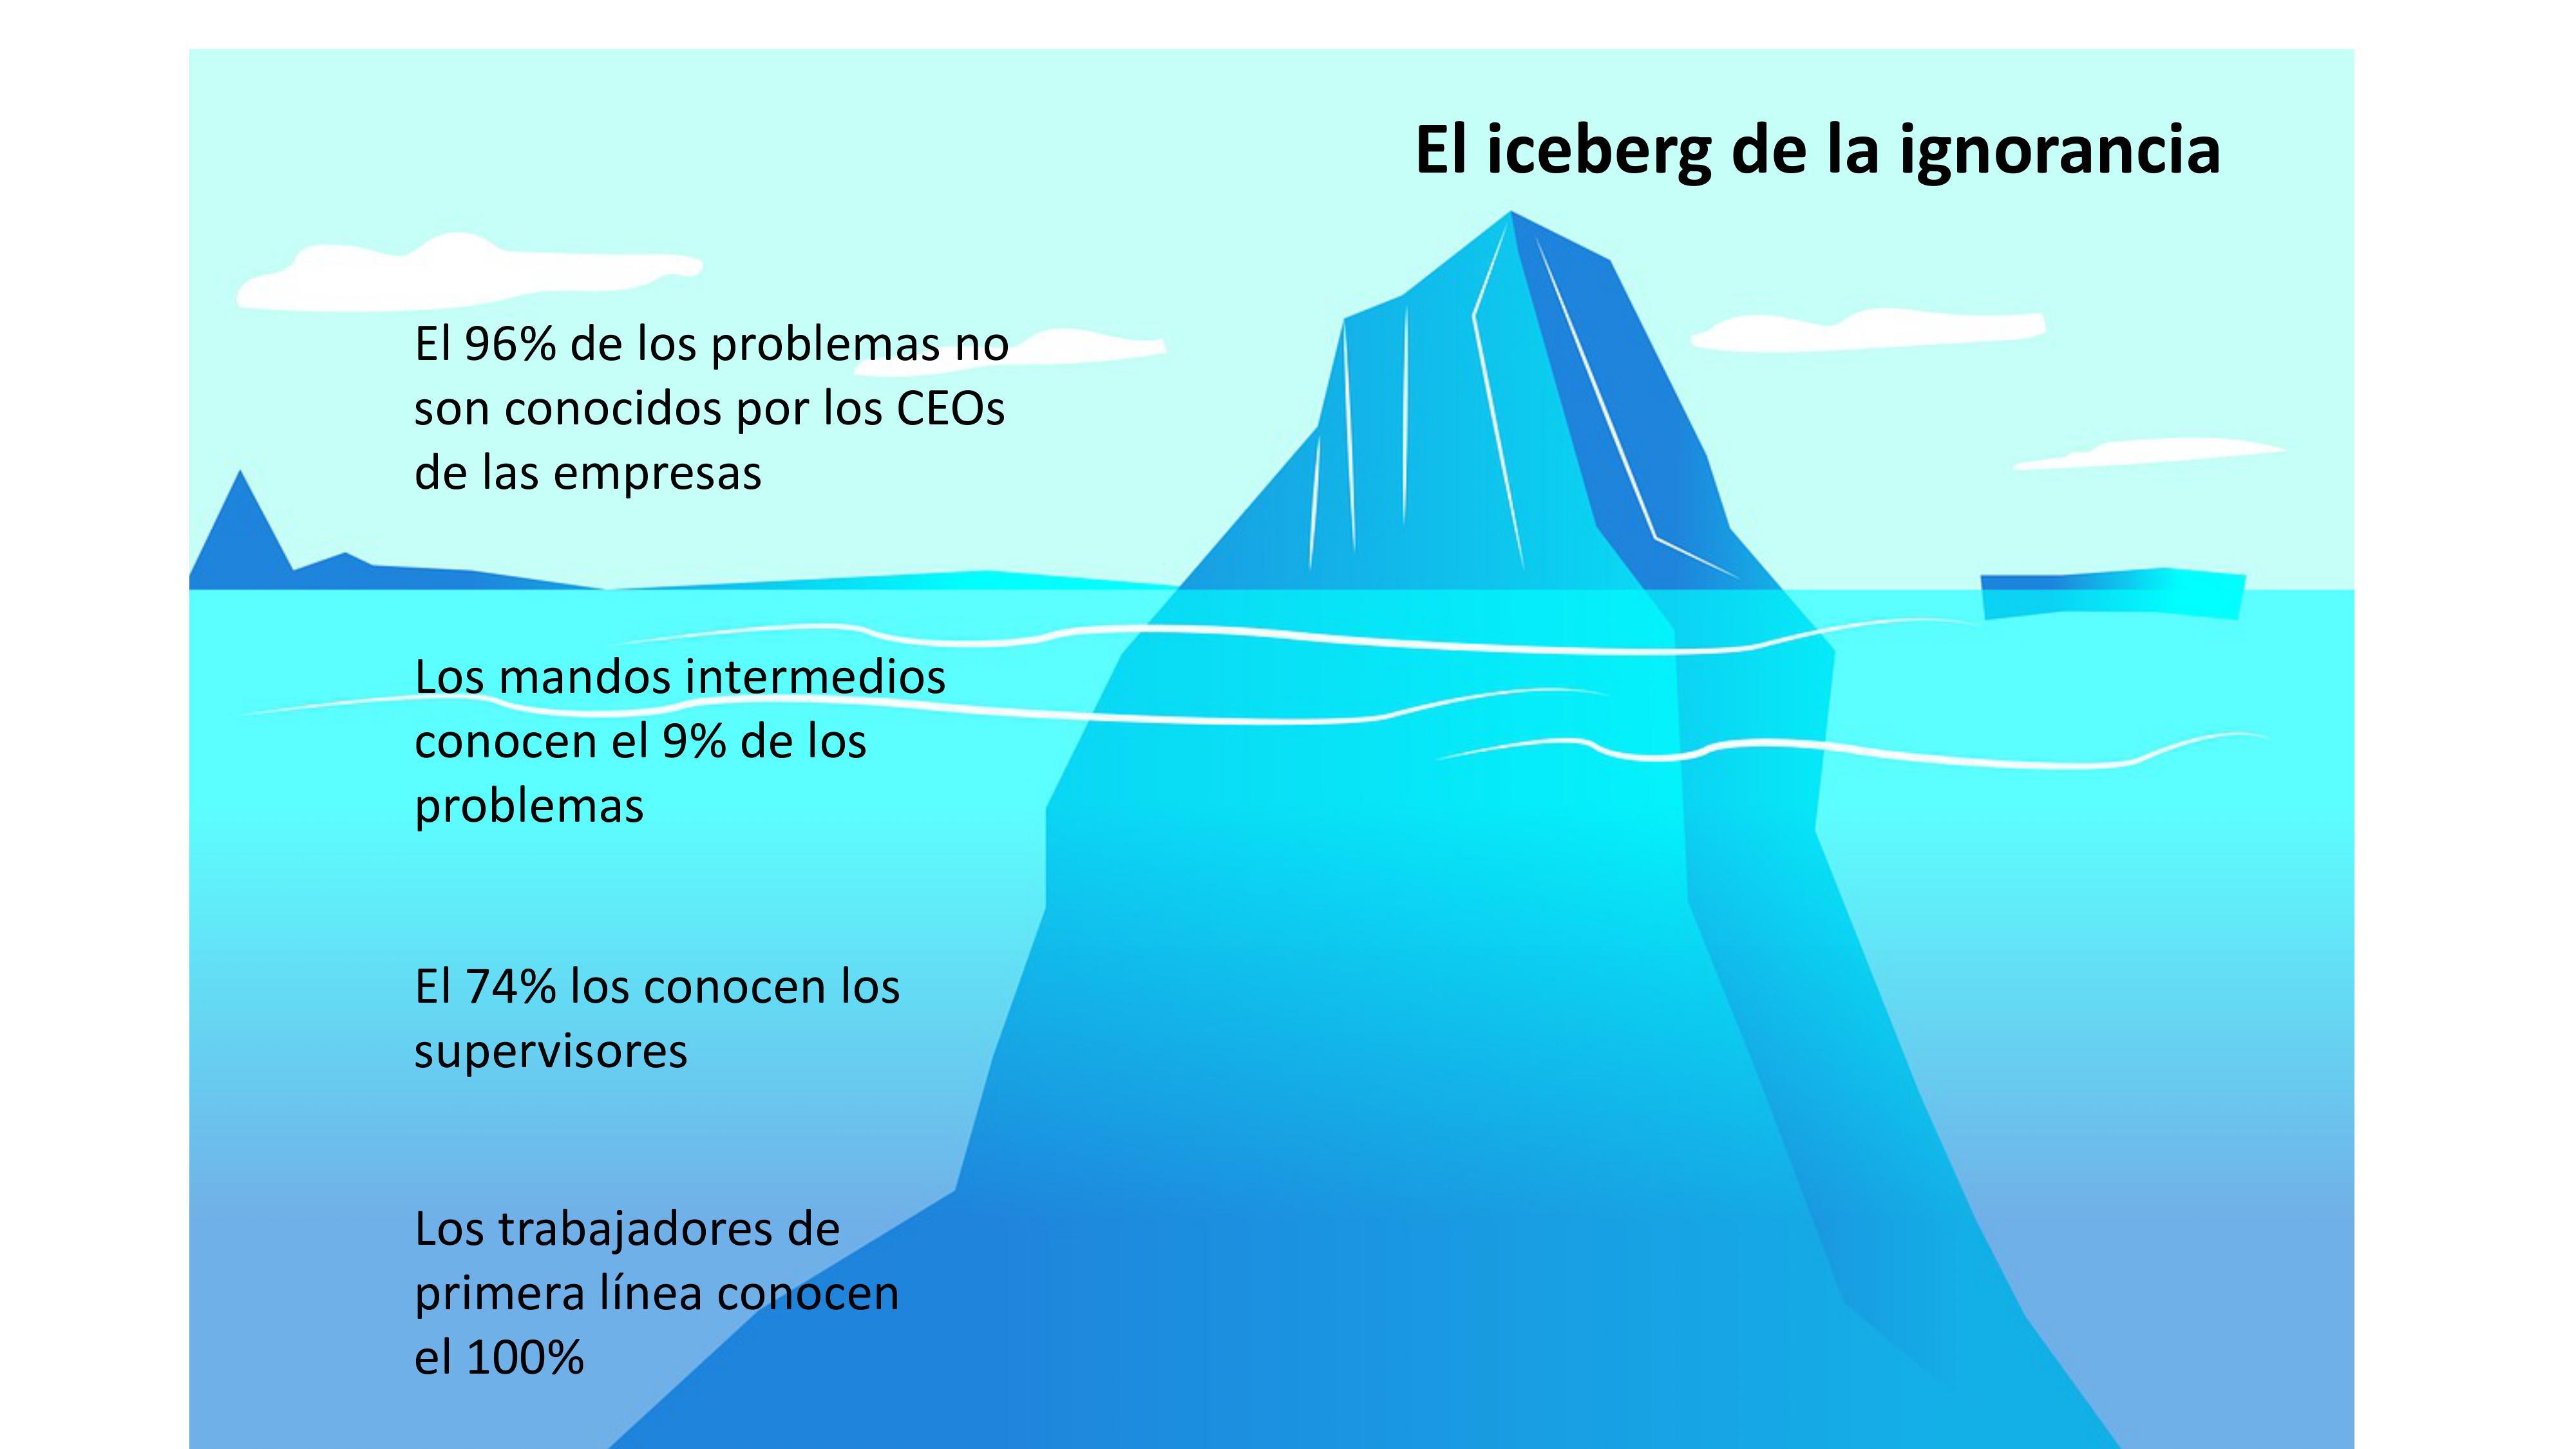 Iceberg de la ignorancia